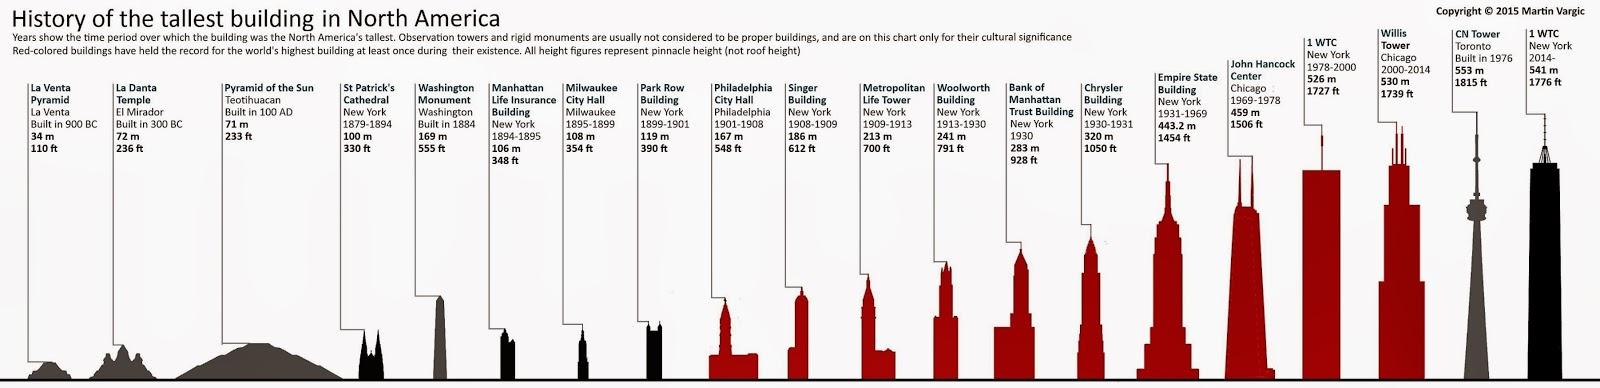 Las construcciones más altas de América del Norte. Las construcciones más altas del mundo.